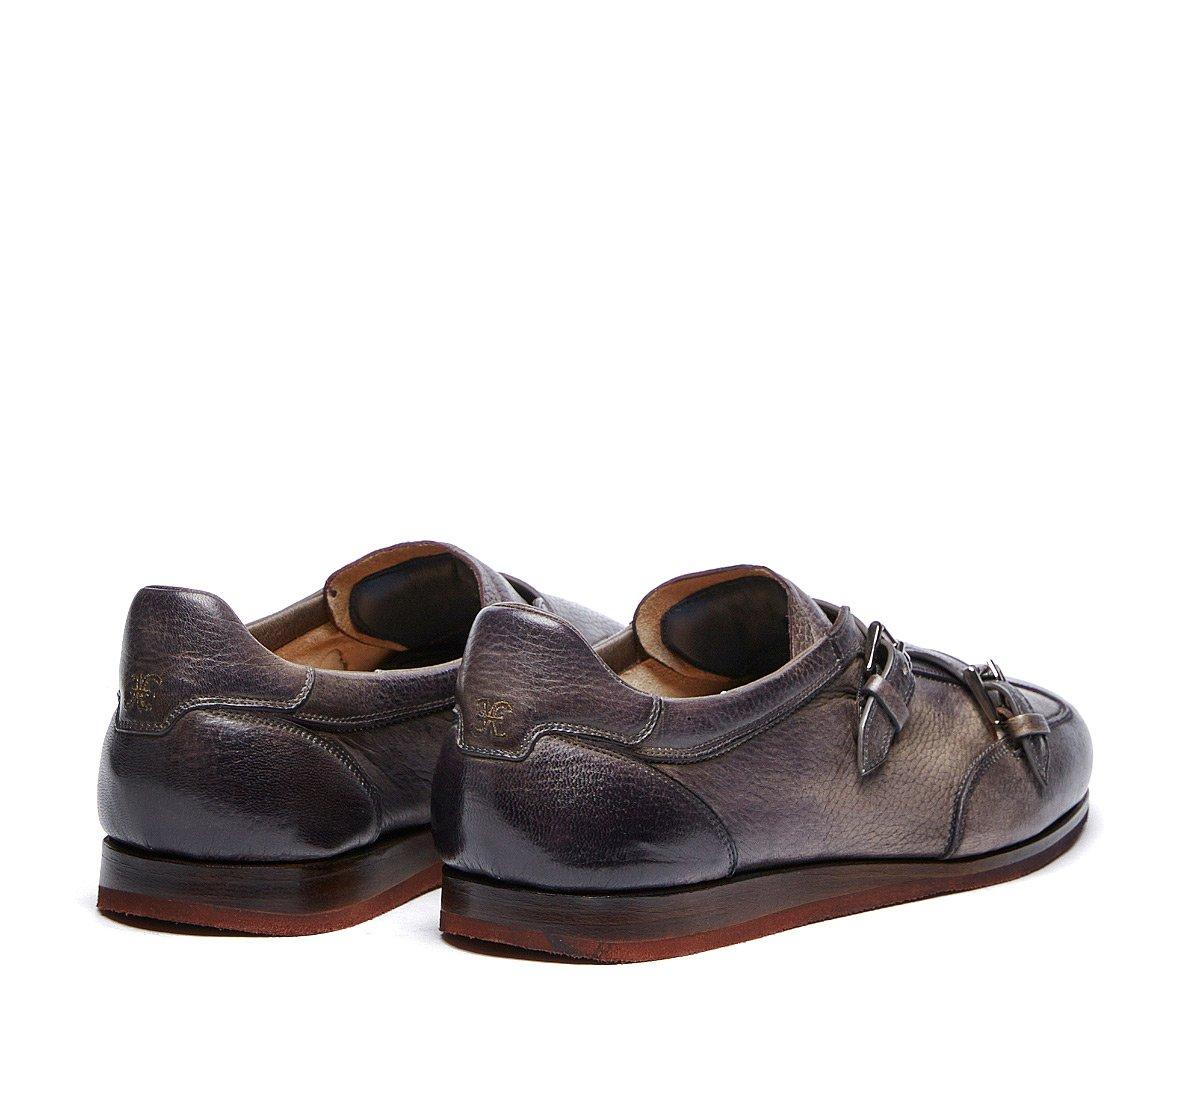 Jesse sneakers